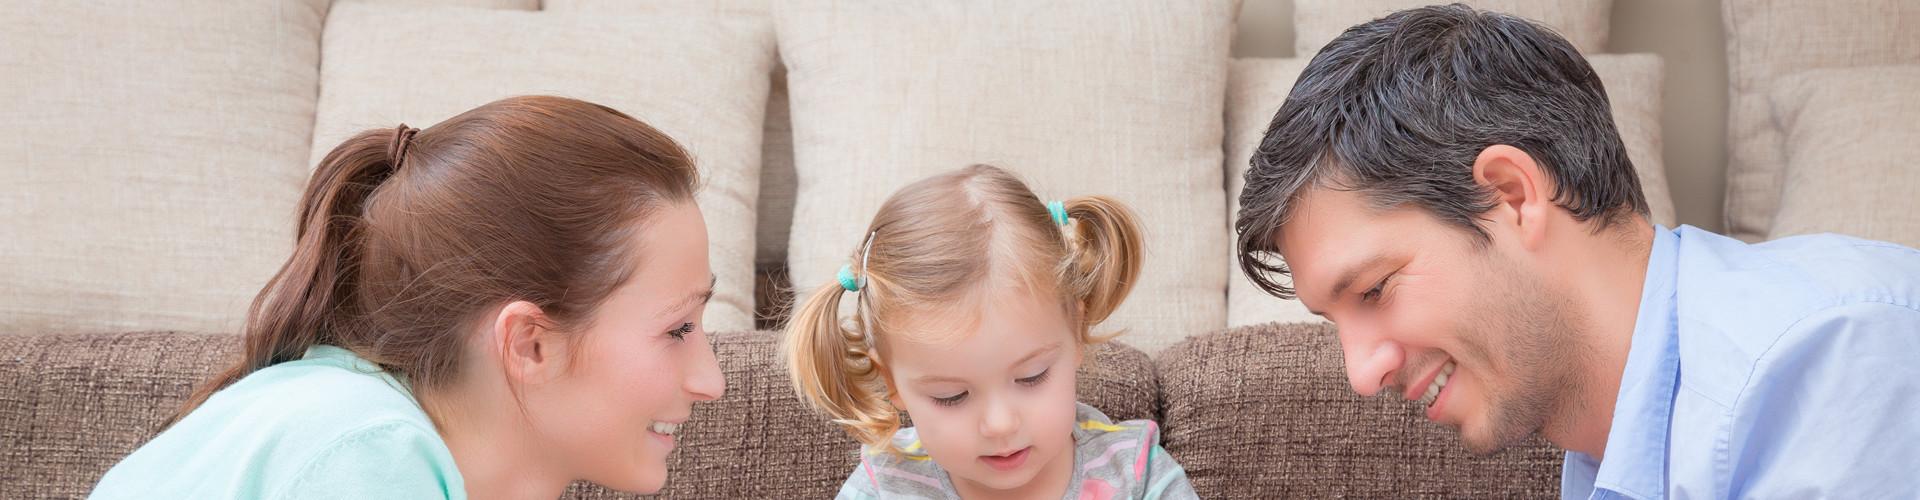 Mutter und Vater blicken sich an, zwischen ihnen spielt ihr Kind © detailblick-foto, stock.adobe.com